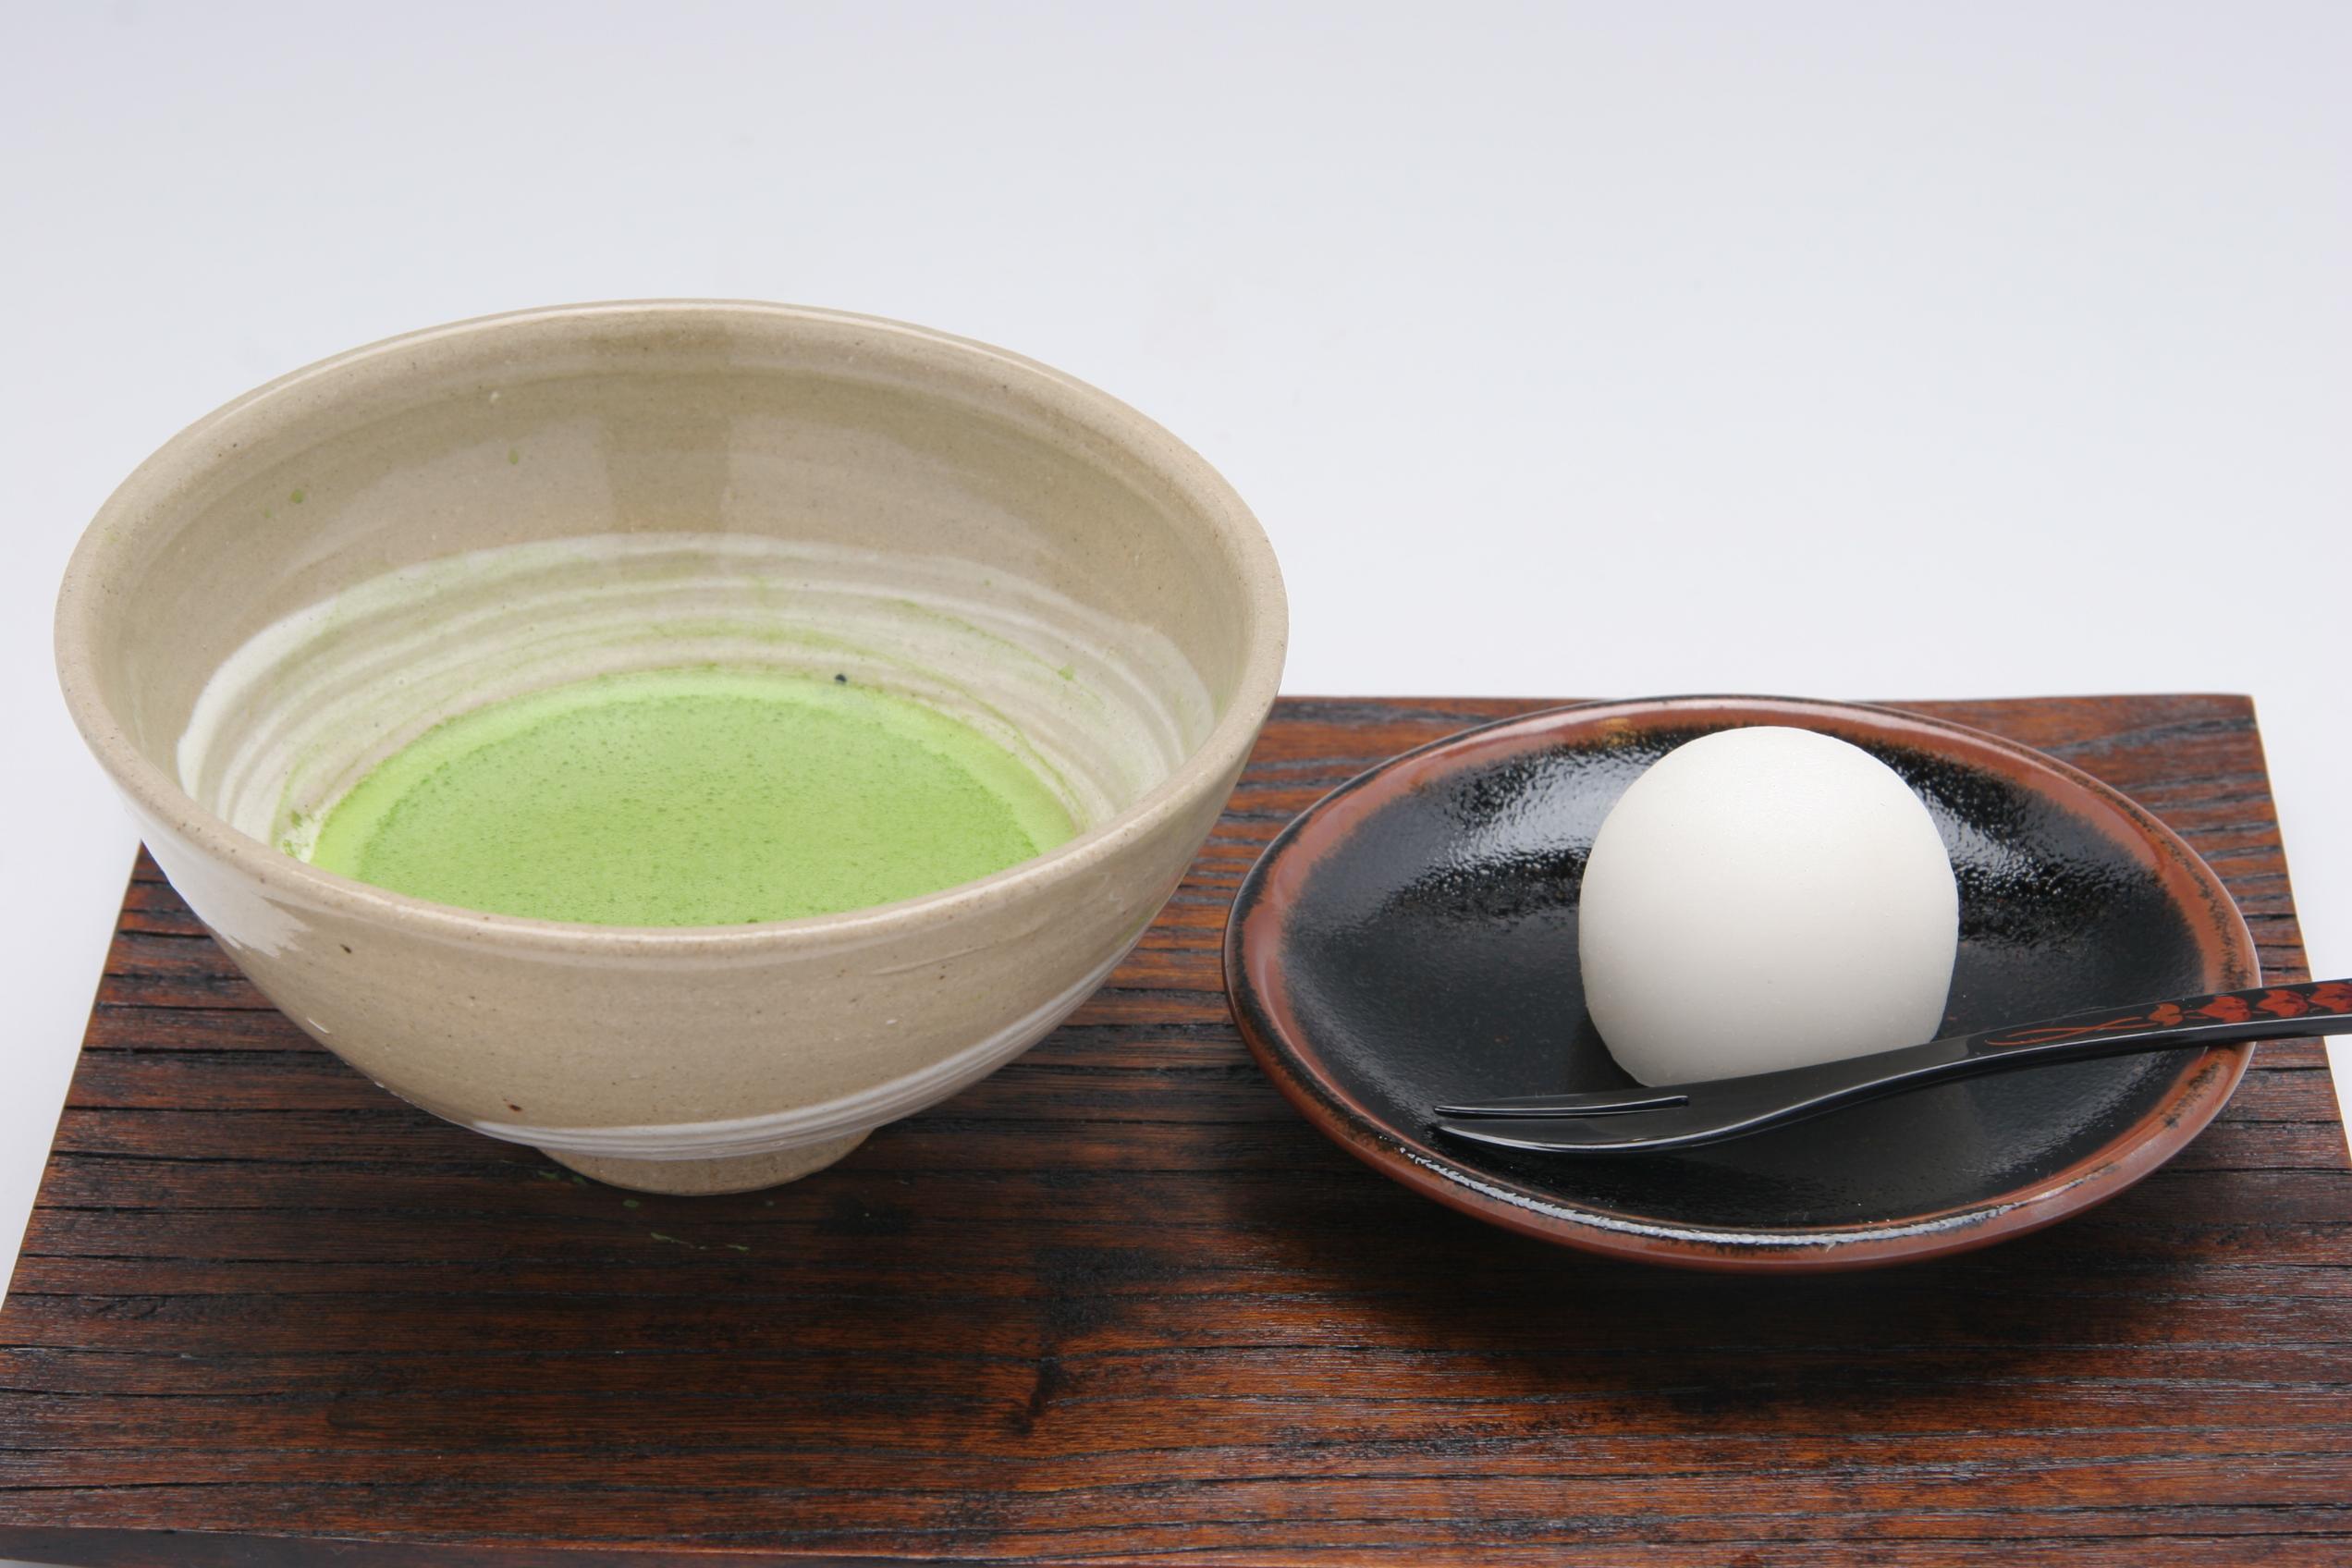 【島根・松江・日帰りバスツアー】日本三大菓子処!松江の抹茶セット路線バスパック